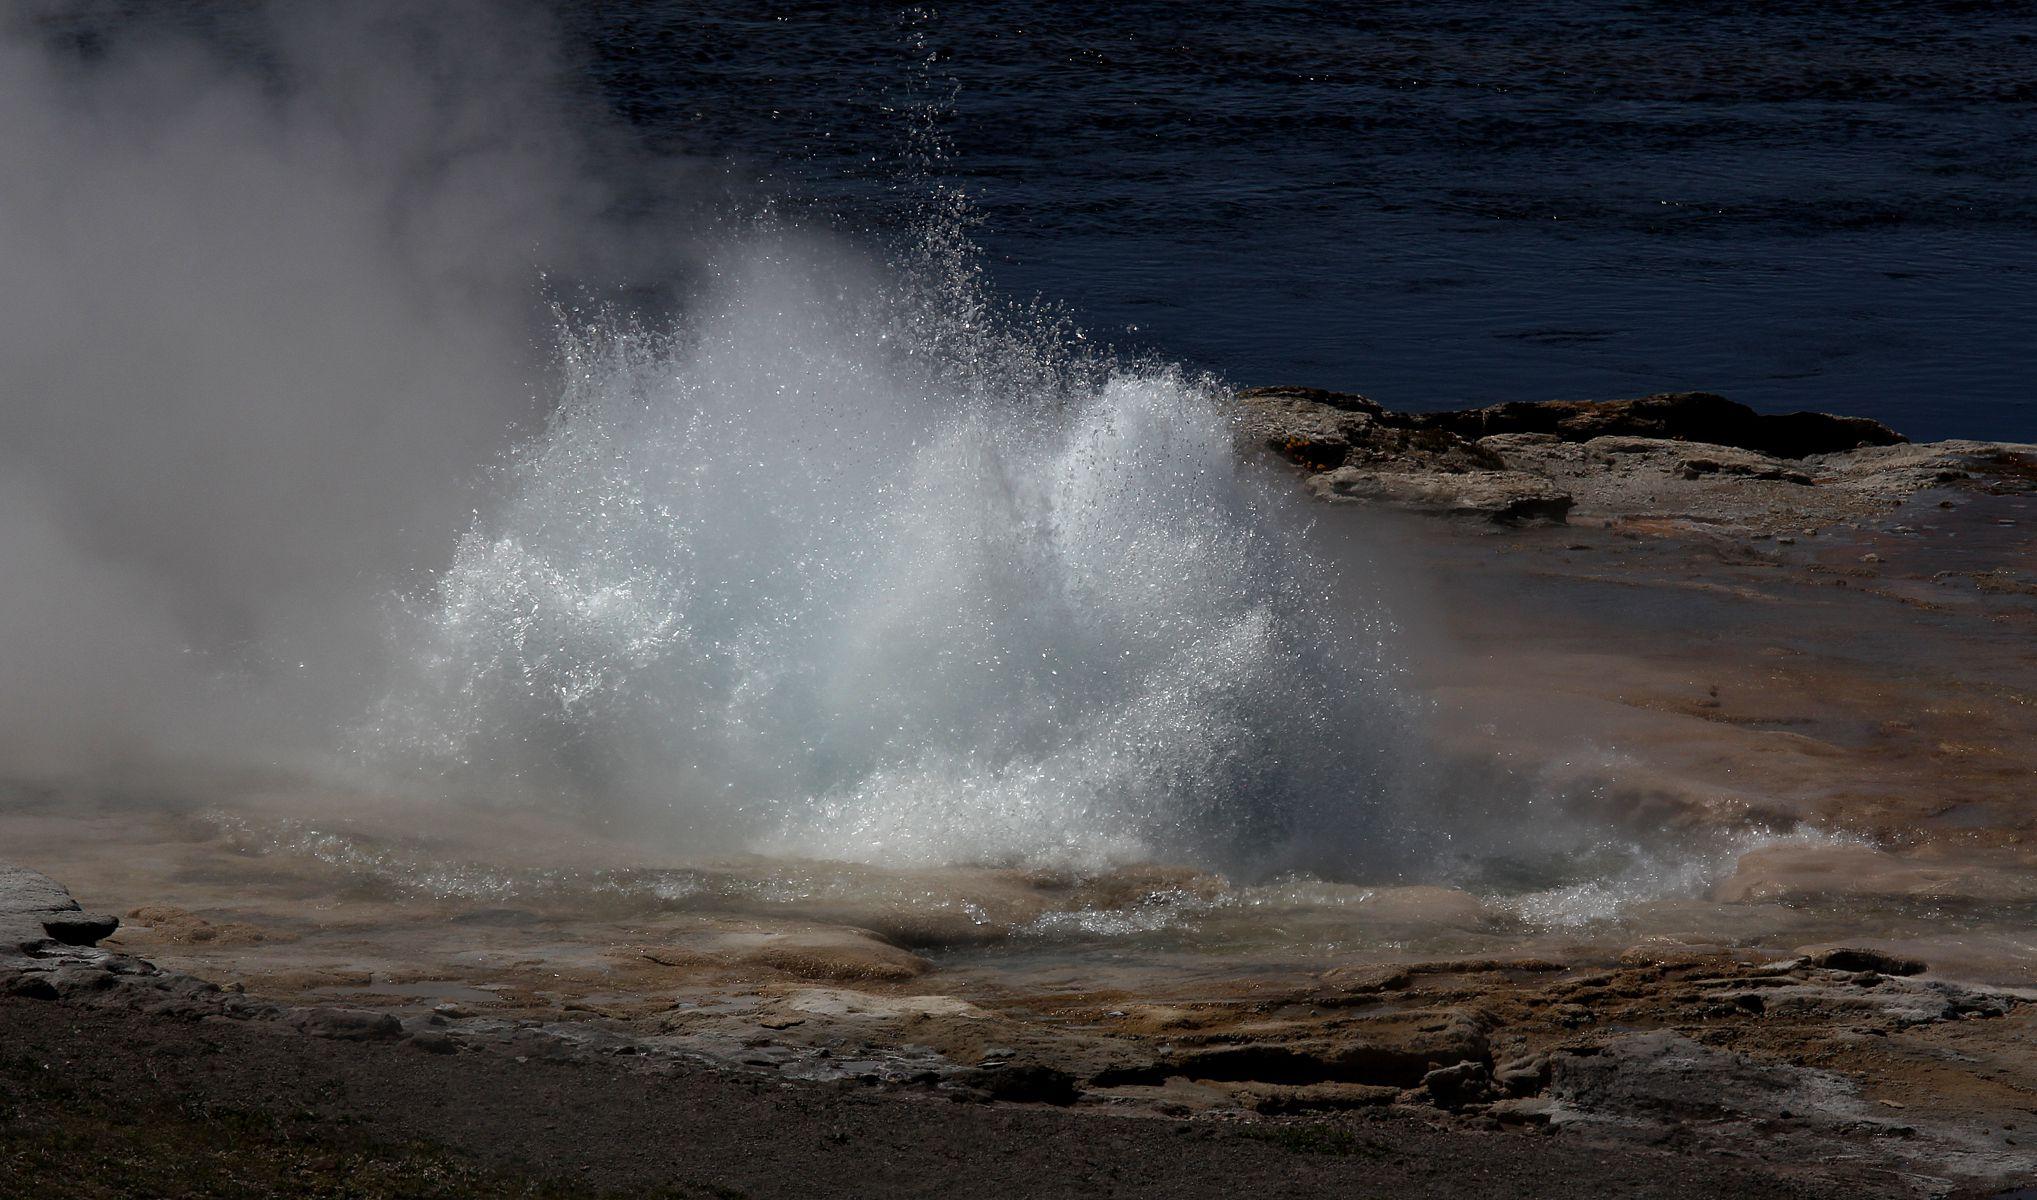 L'acqua che si muove!...